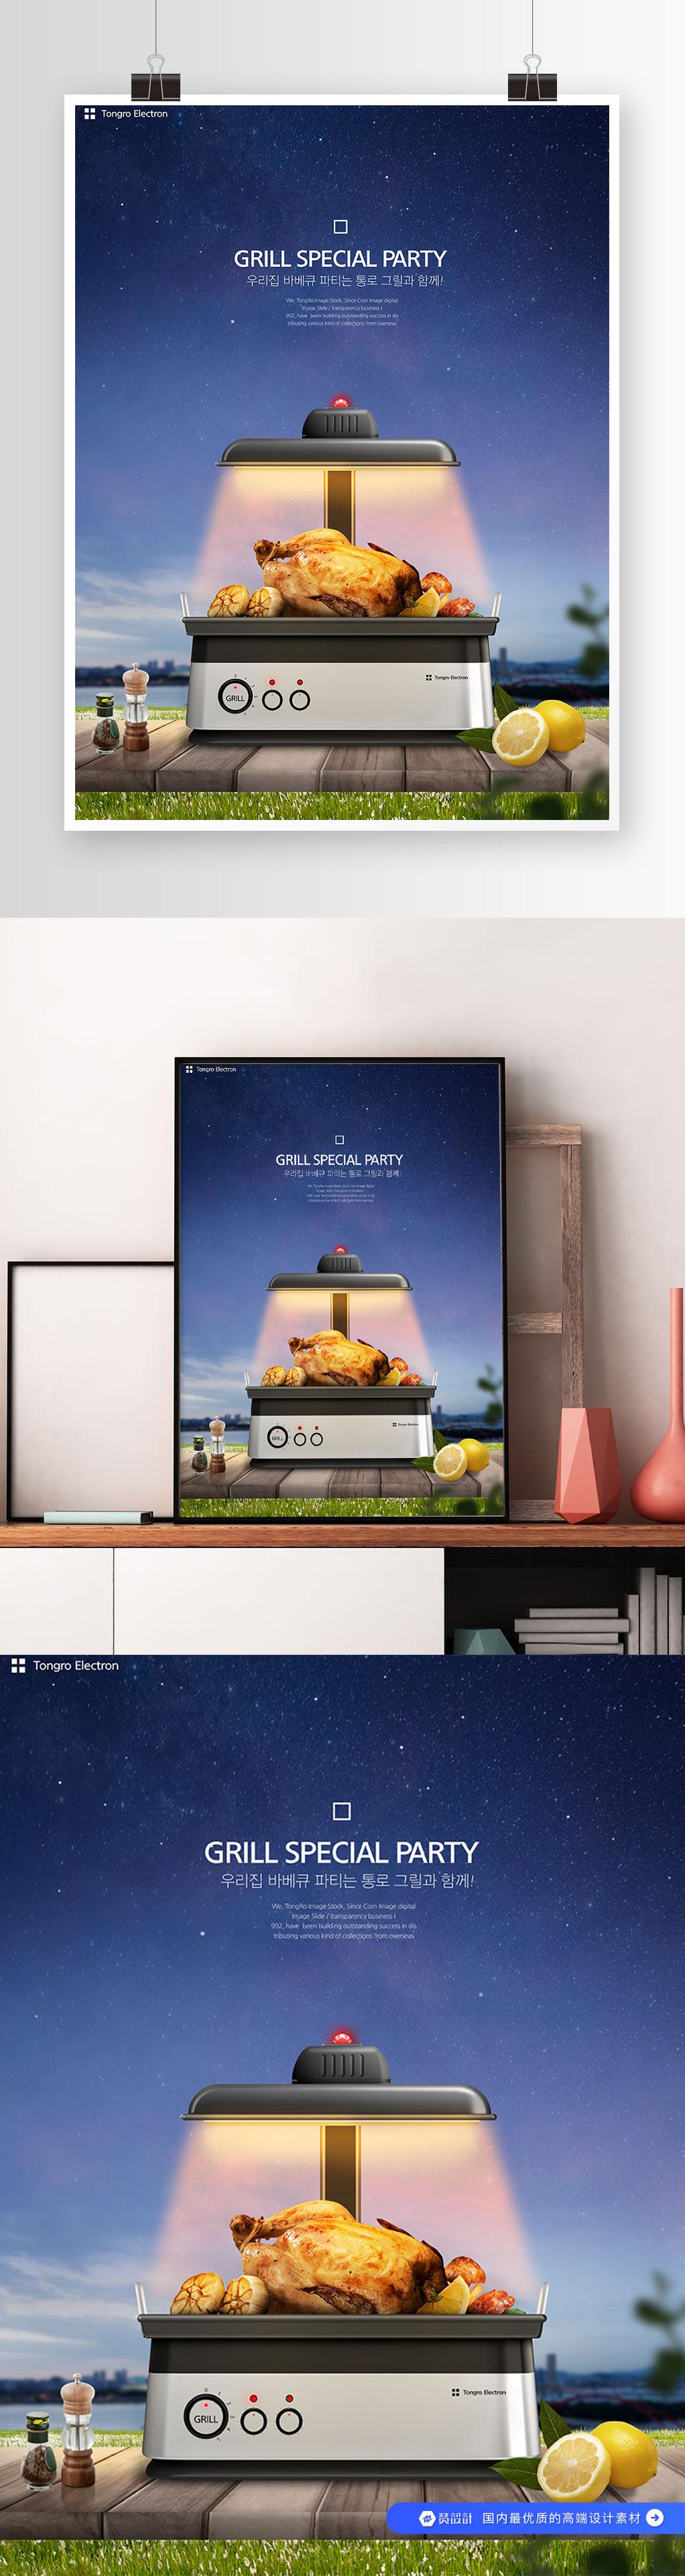 烤箱宣传海报设计模板